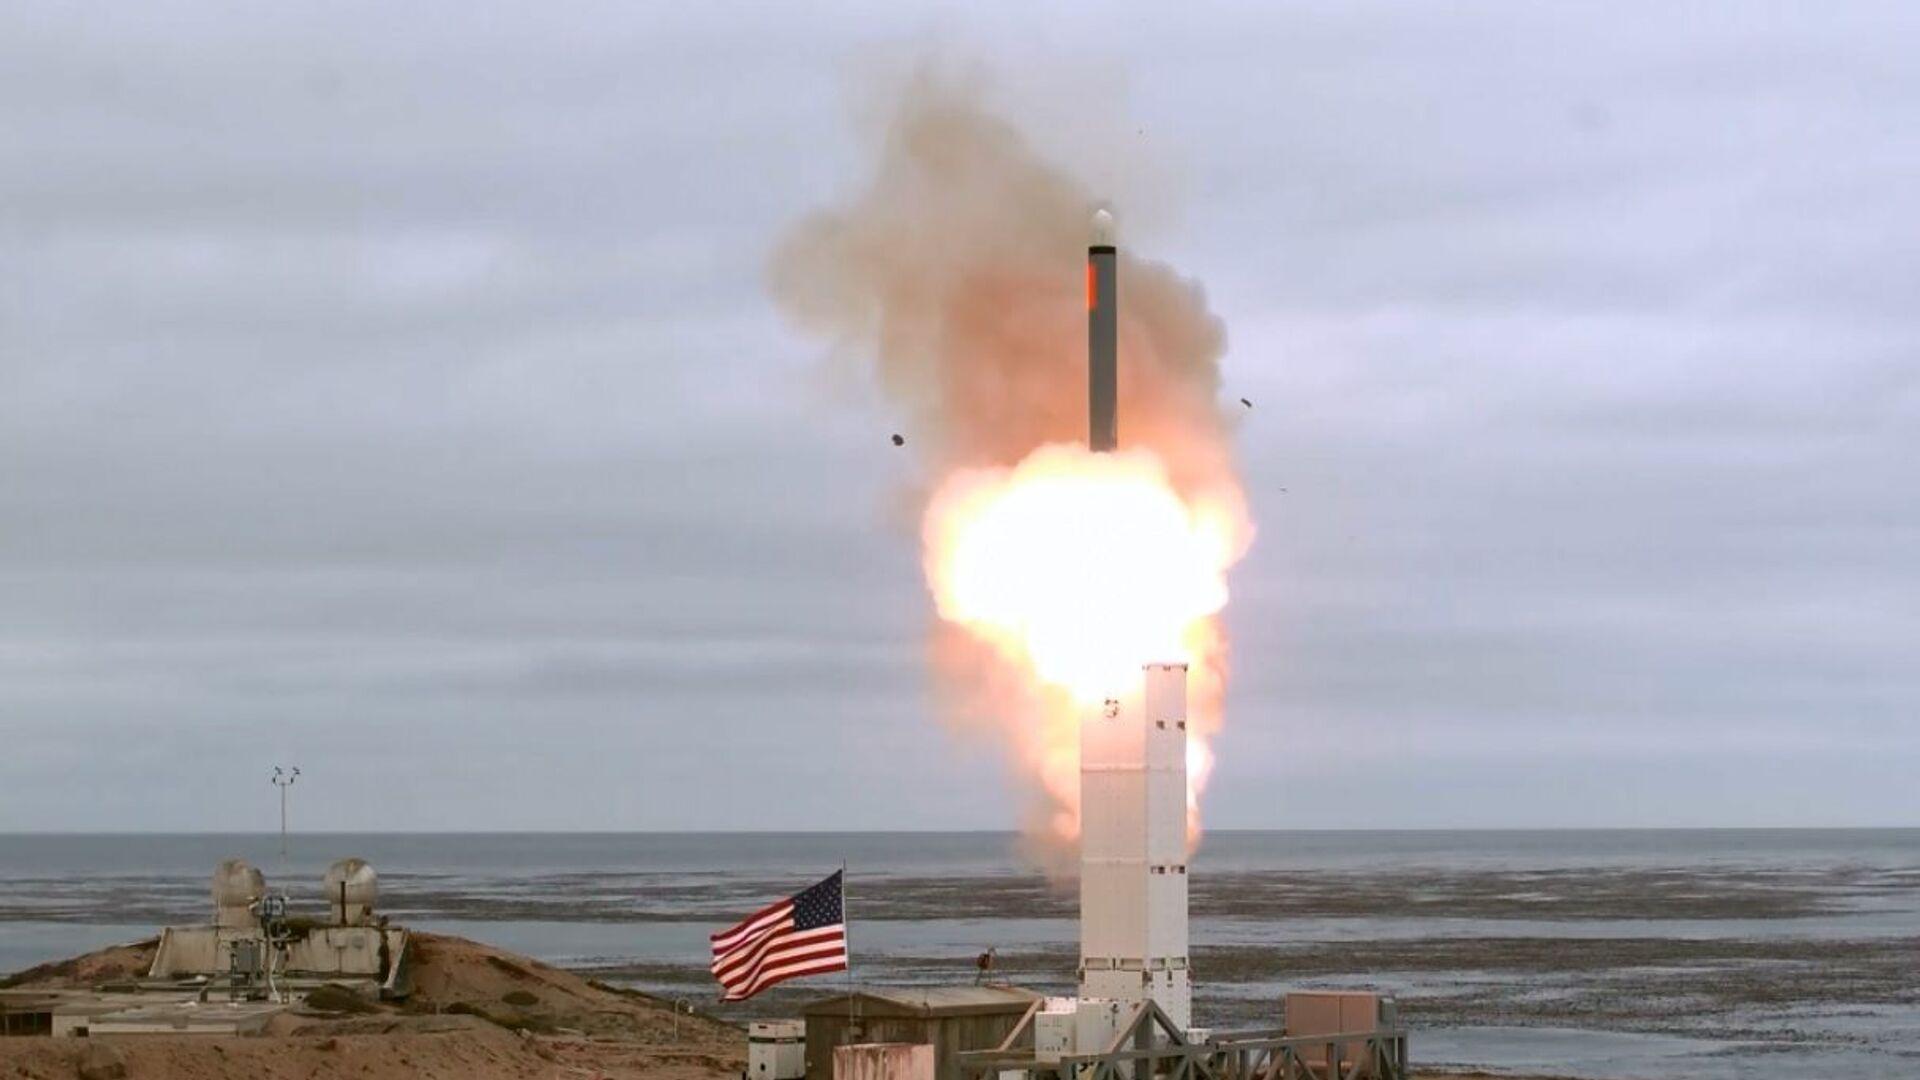 Pentagono lancia un missile prima vietato dal trattato INF - Sputnik Italia, 1920, 27.09.2021